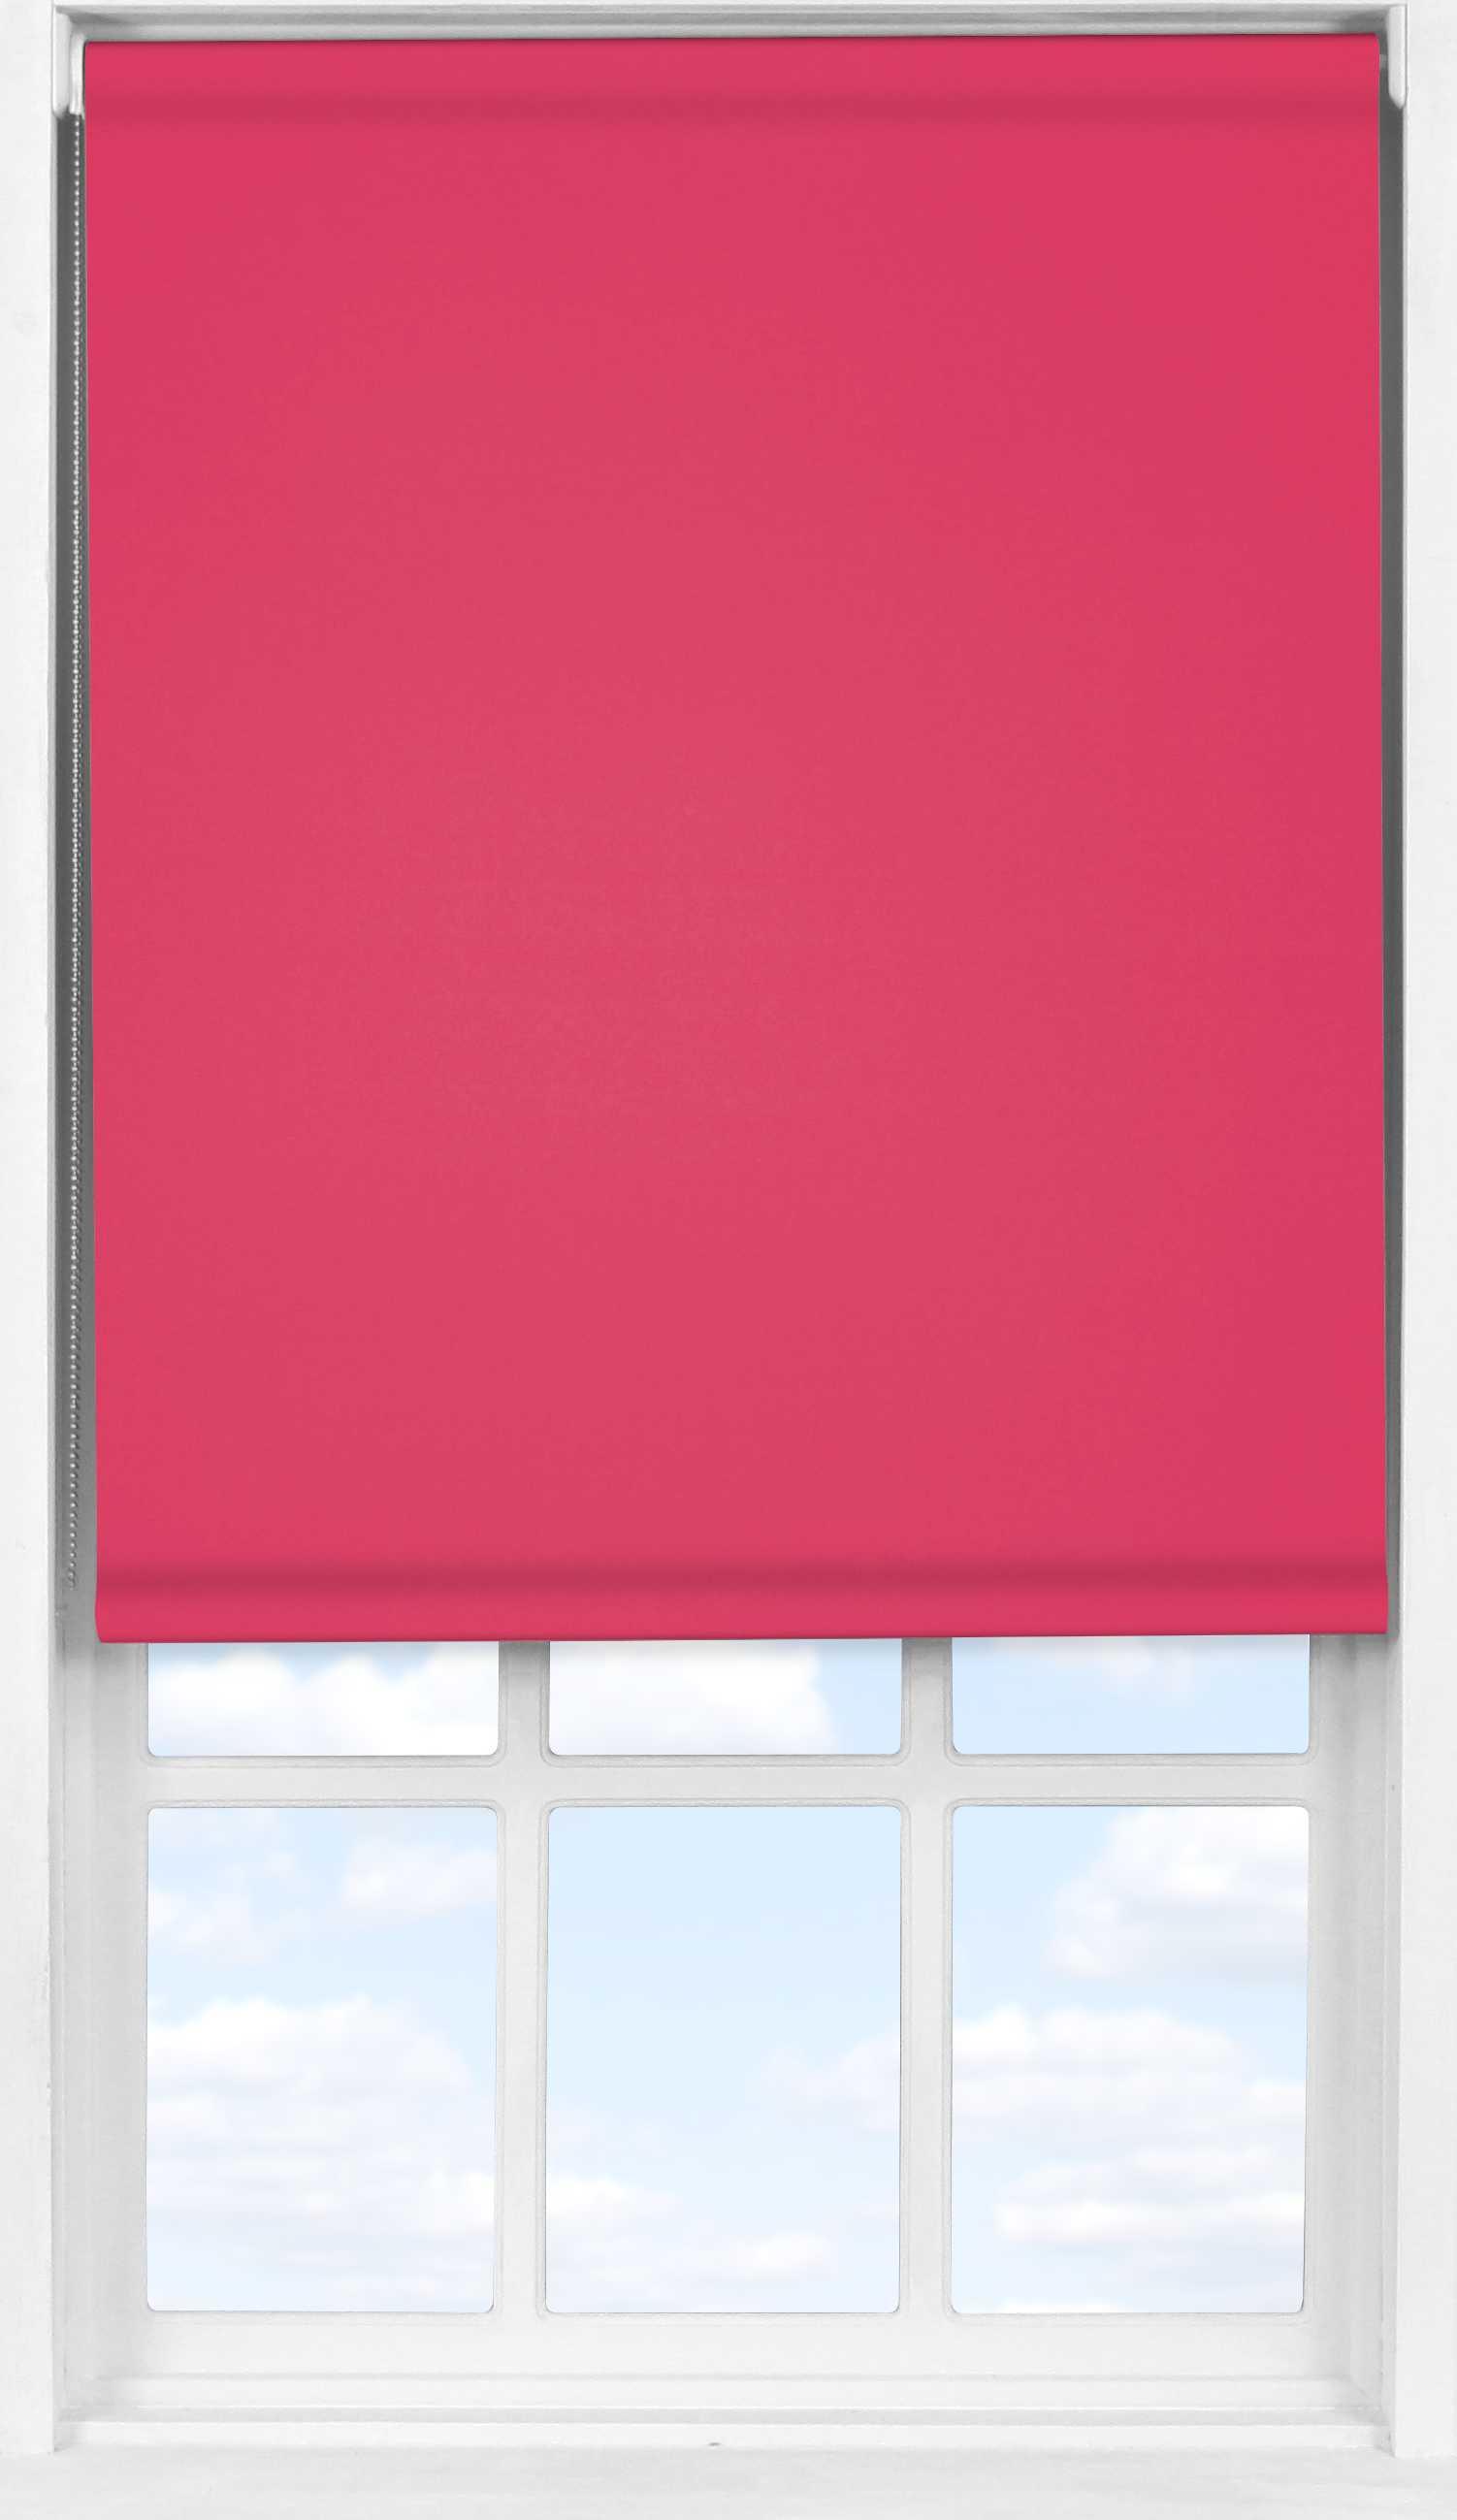 Easifit Roller Blind in Pink Punch Blackout